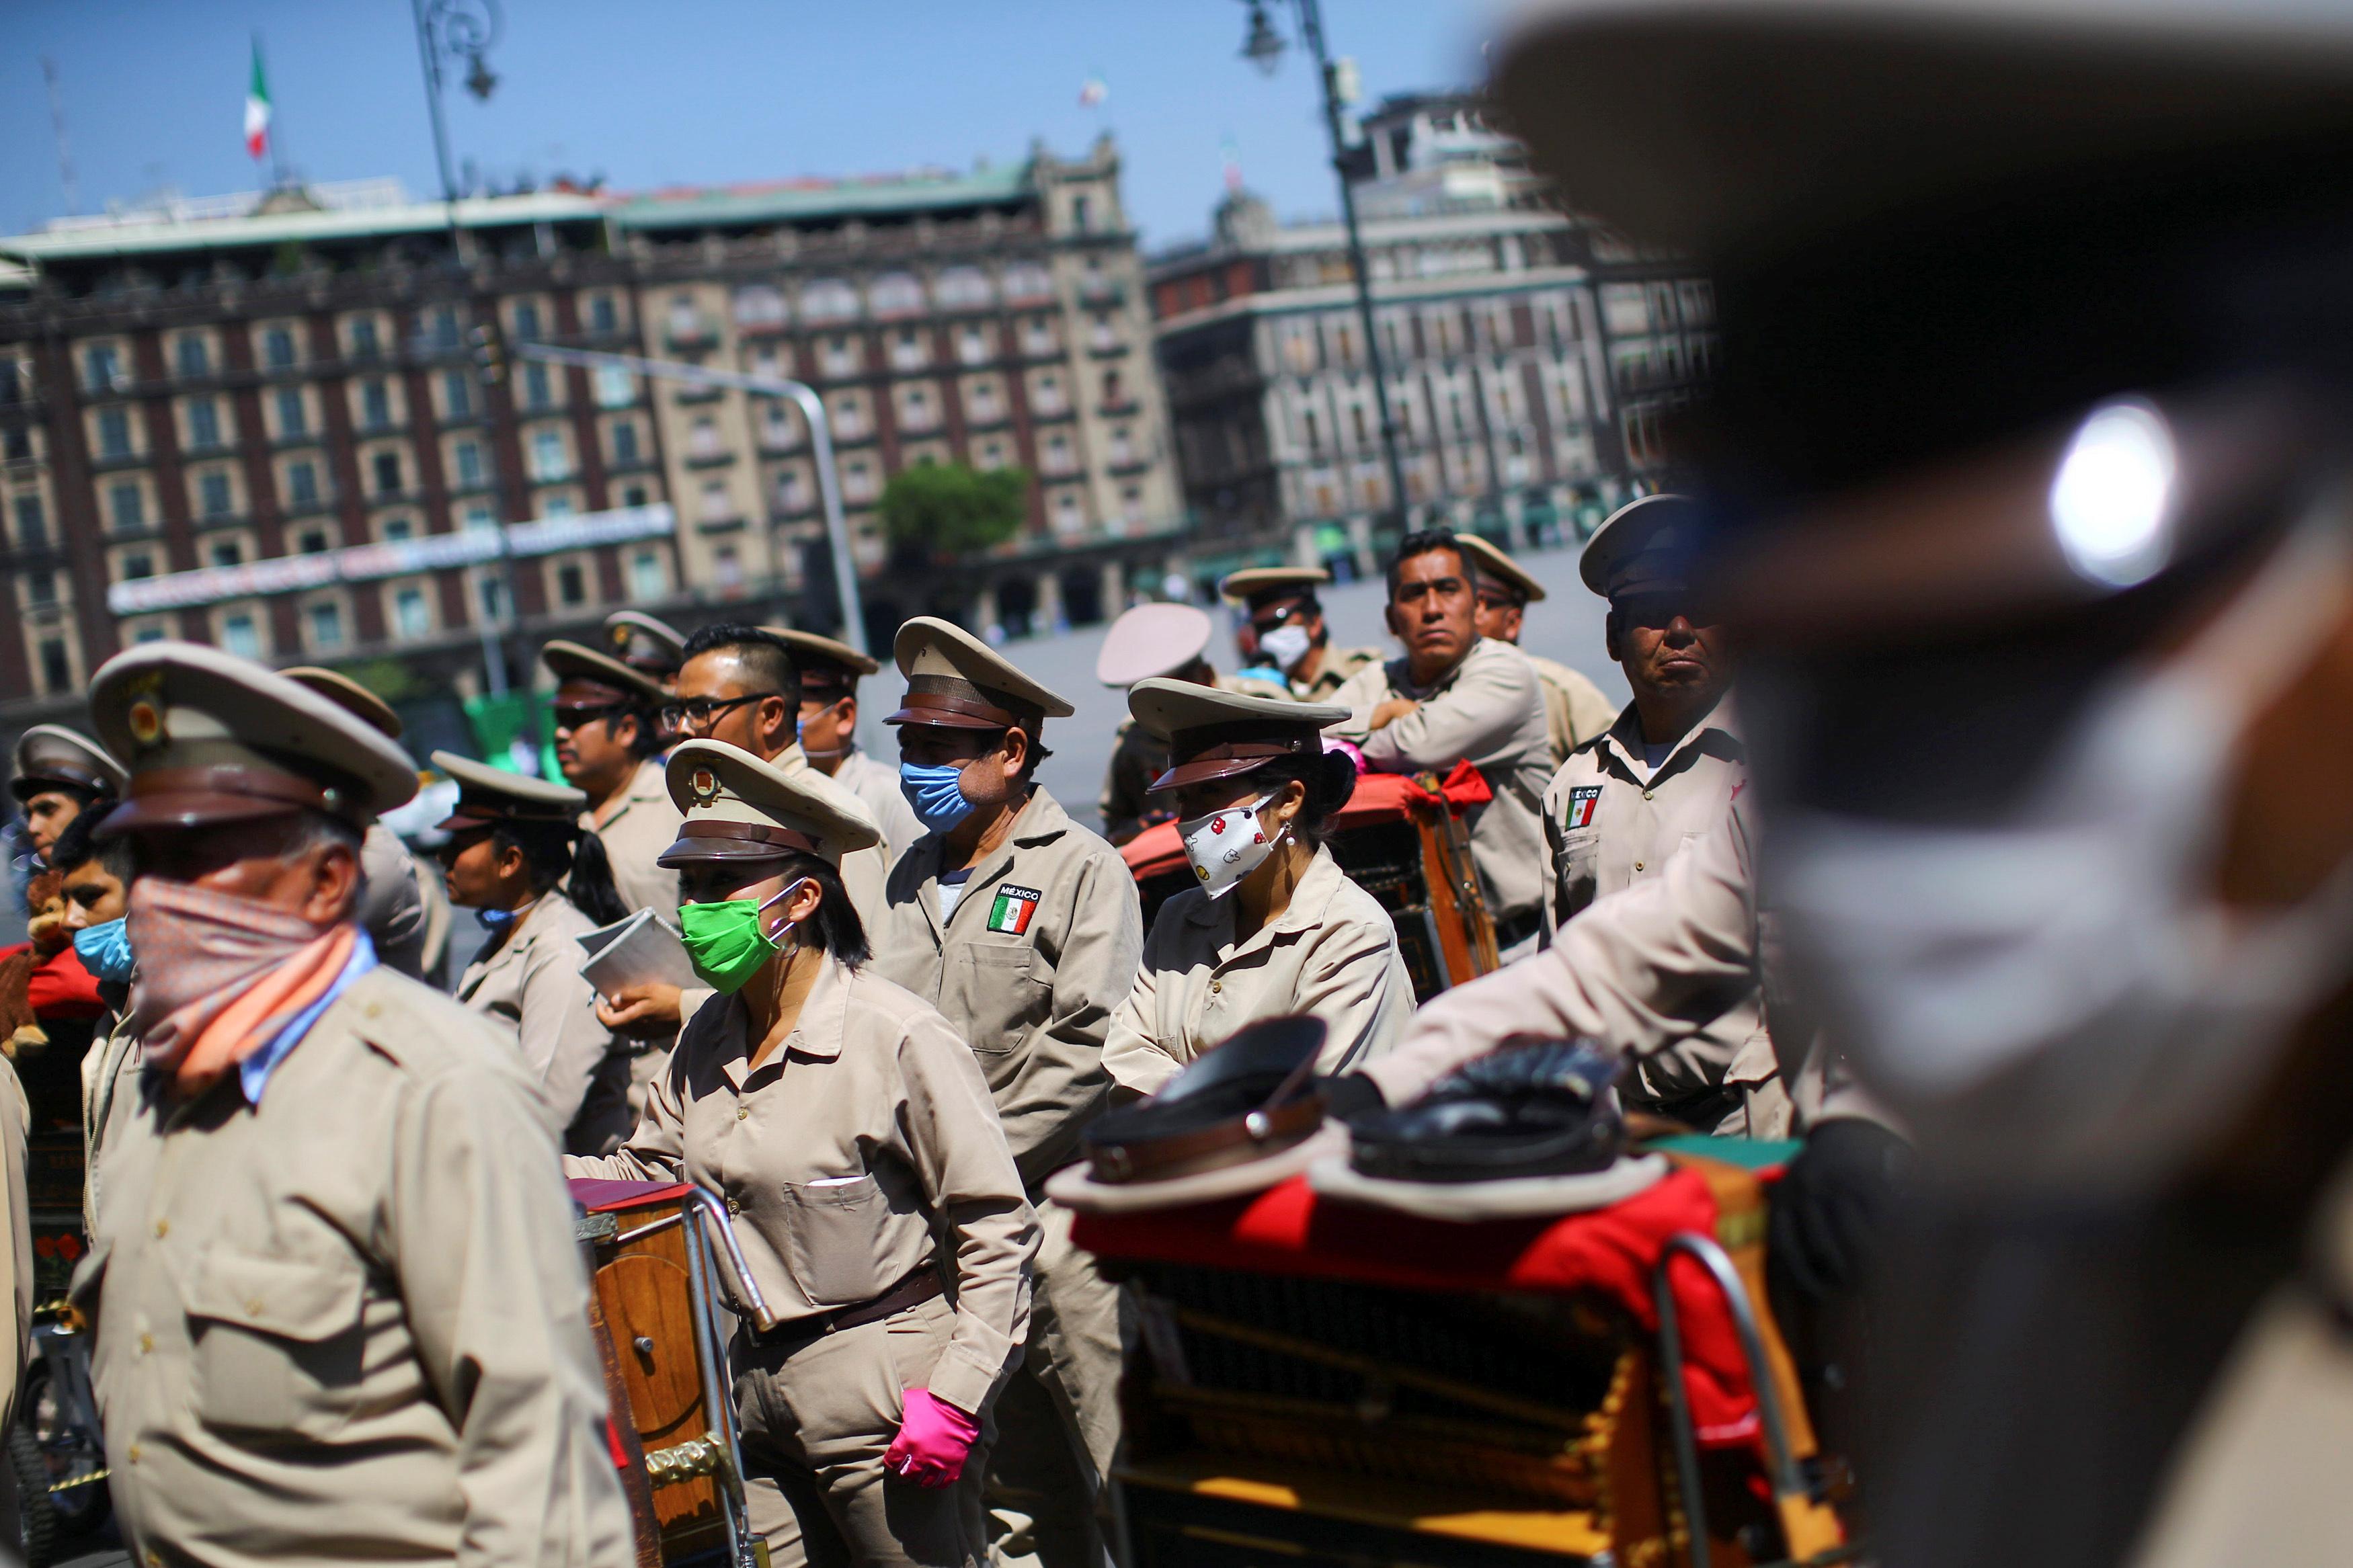 Los organilleros tradicionales participan en una manifestación para exigir el apoyo del gobierno durante el brote de la enfermedad por coronavirus (COVID-19), en la Ciudad de México, México, 31 de marzo de 2020.